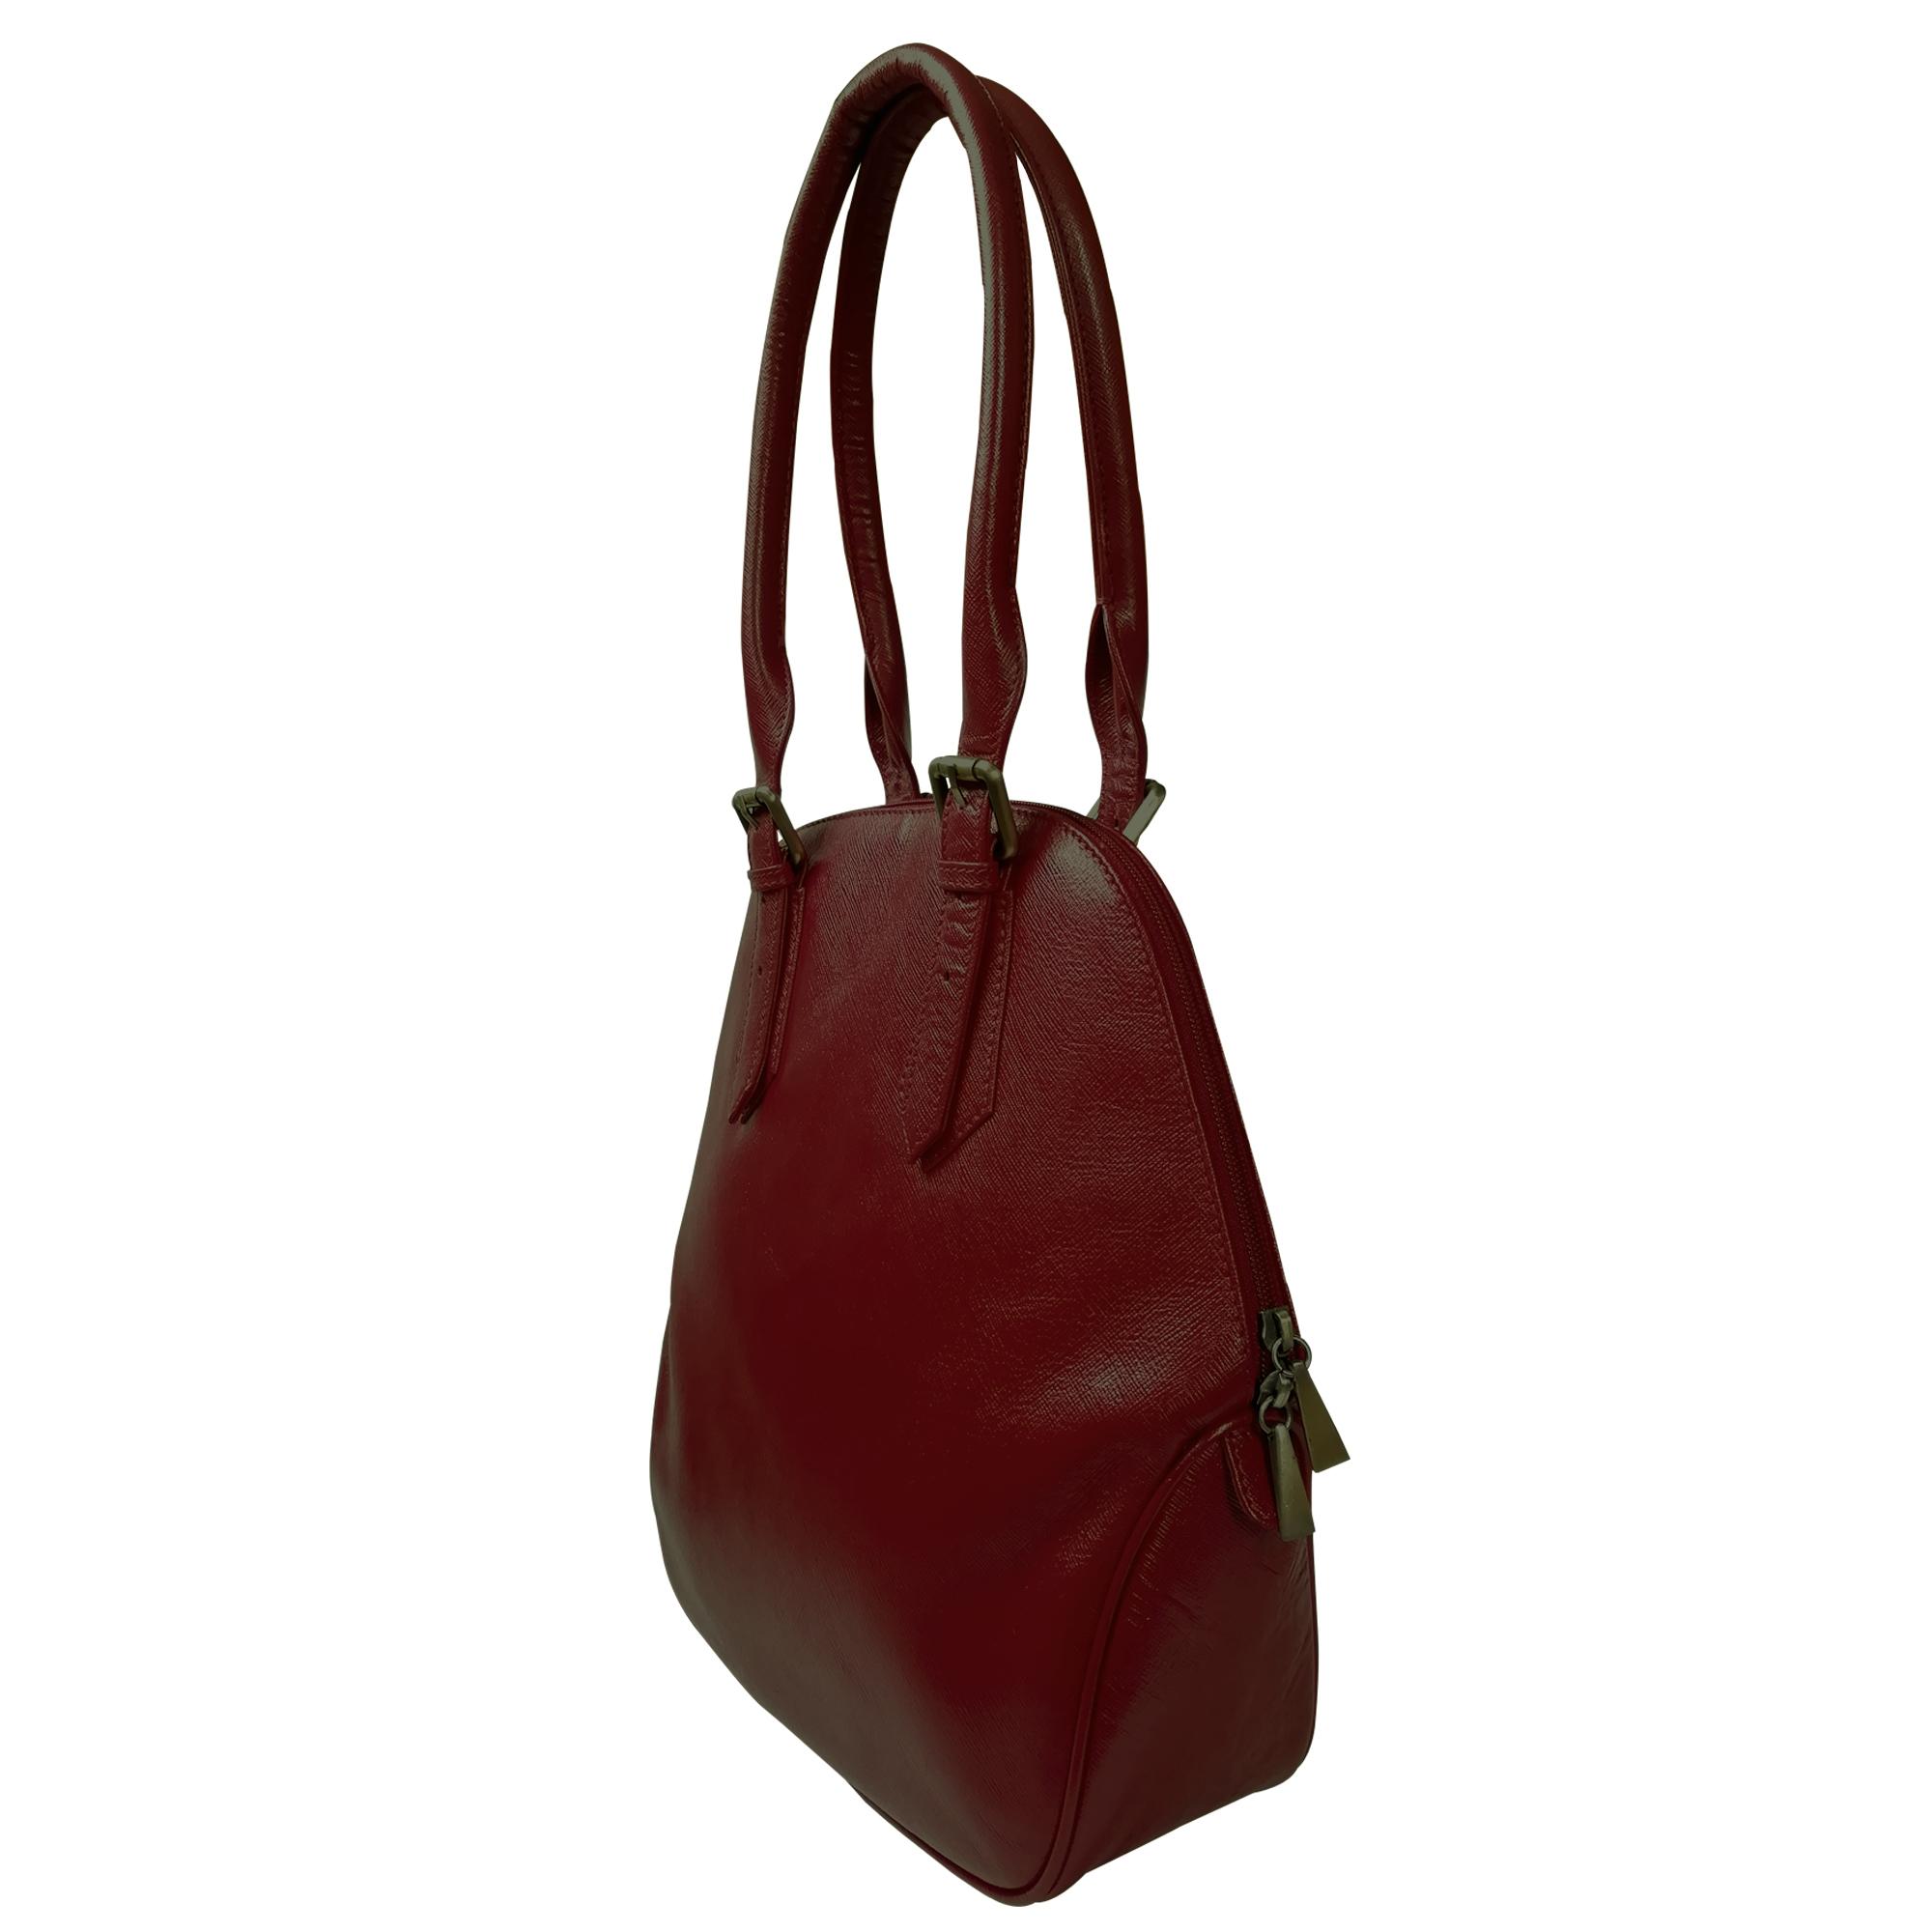 Genuine Leather Handbag For Women